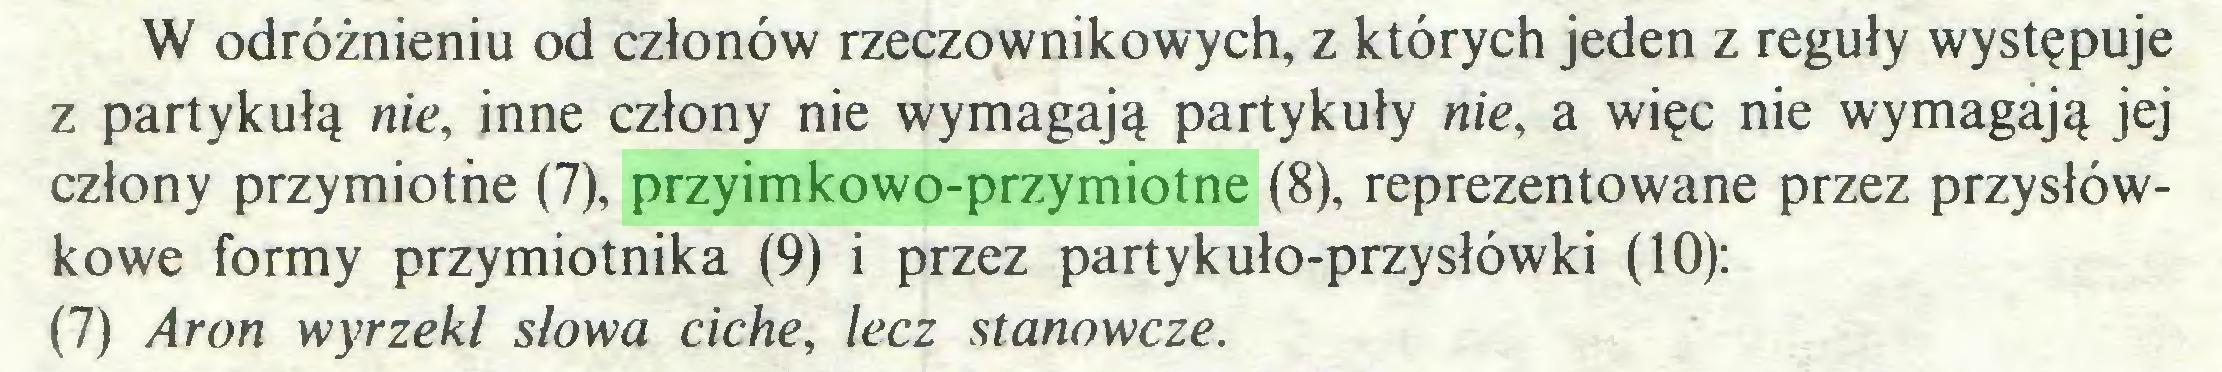 (...) W odróżnieniu od członów rzeczownikowych, z których jeden z reguły występuje z partykułą nie, inne człony nie wymagają partykuły nie, a więc nie wymagają jej człony przymiothe (7), przyimkowo-przymiotne (8), reprezentowane przez przysłówkowe formy przymiotnika (9) i przez partykuło-przysłówki (10): (7) Aron wyrzekł słowa ciche, lecz stanowcze...